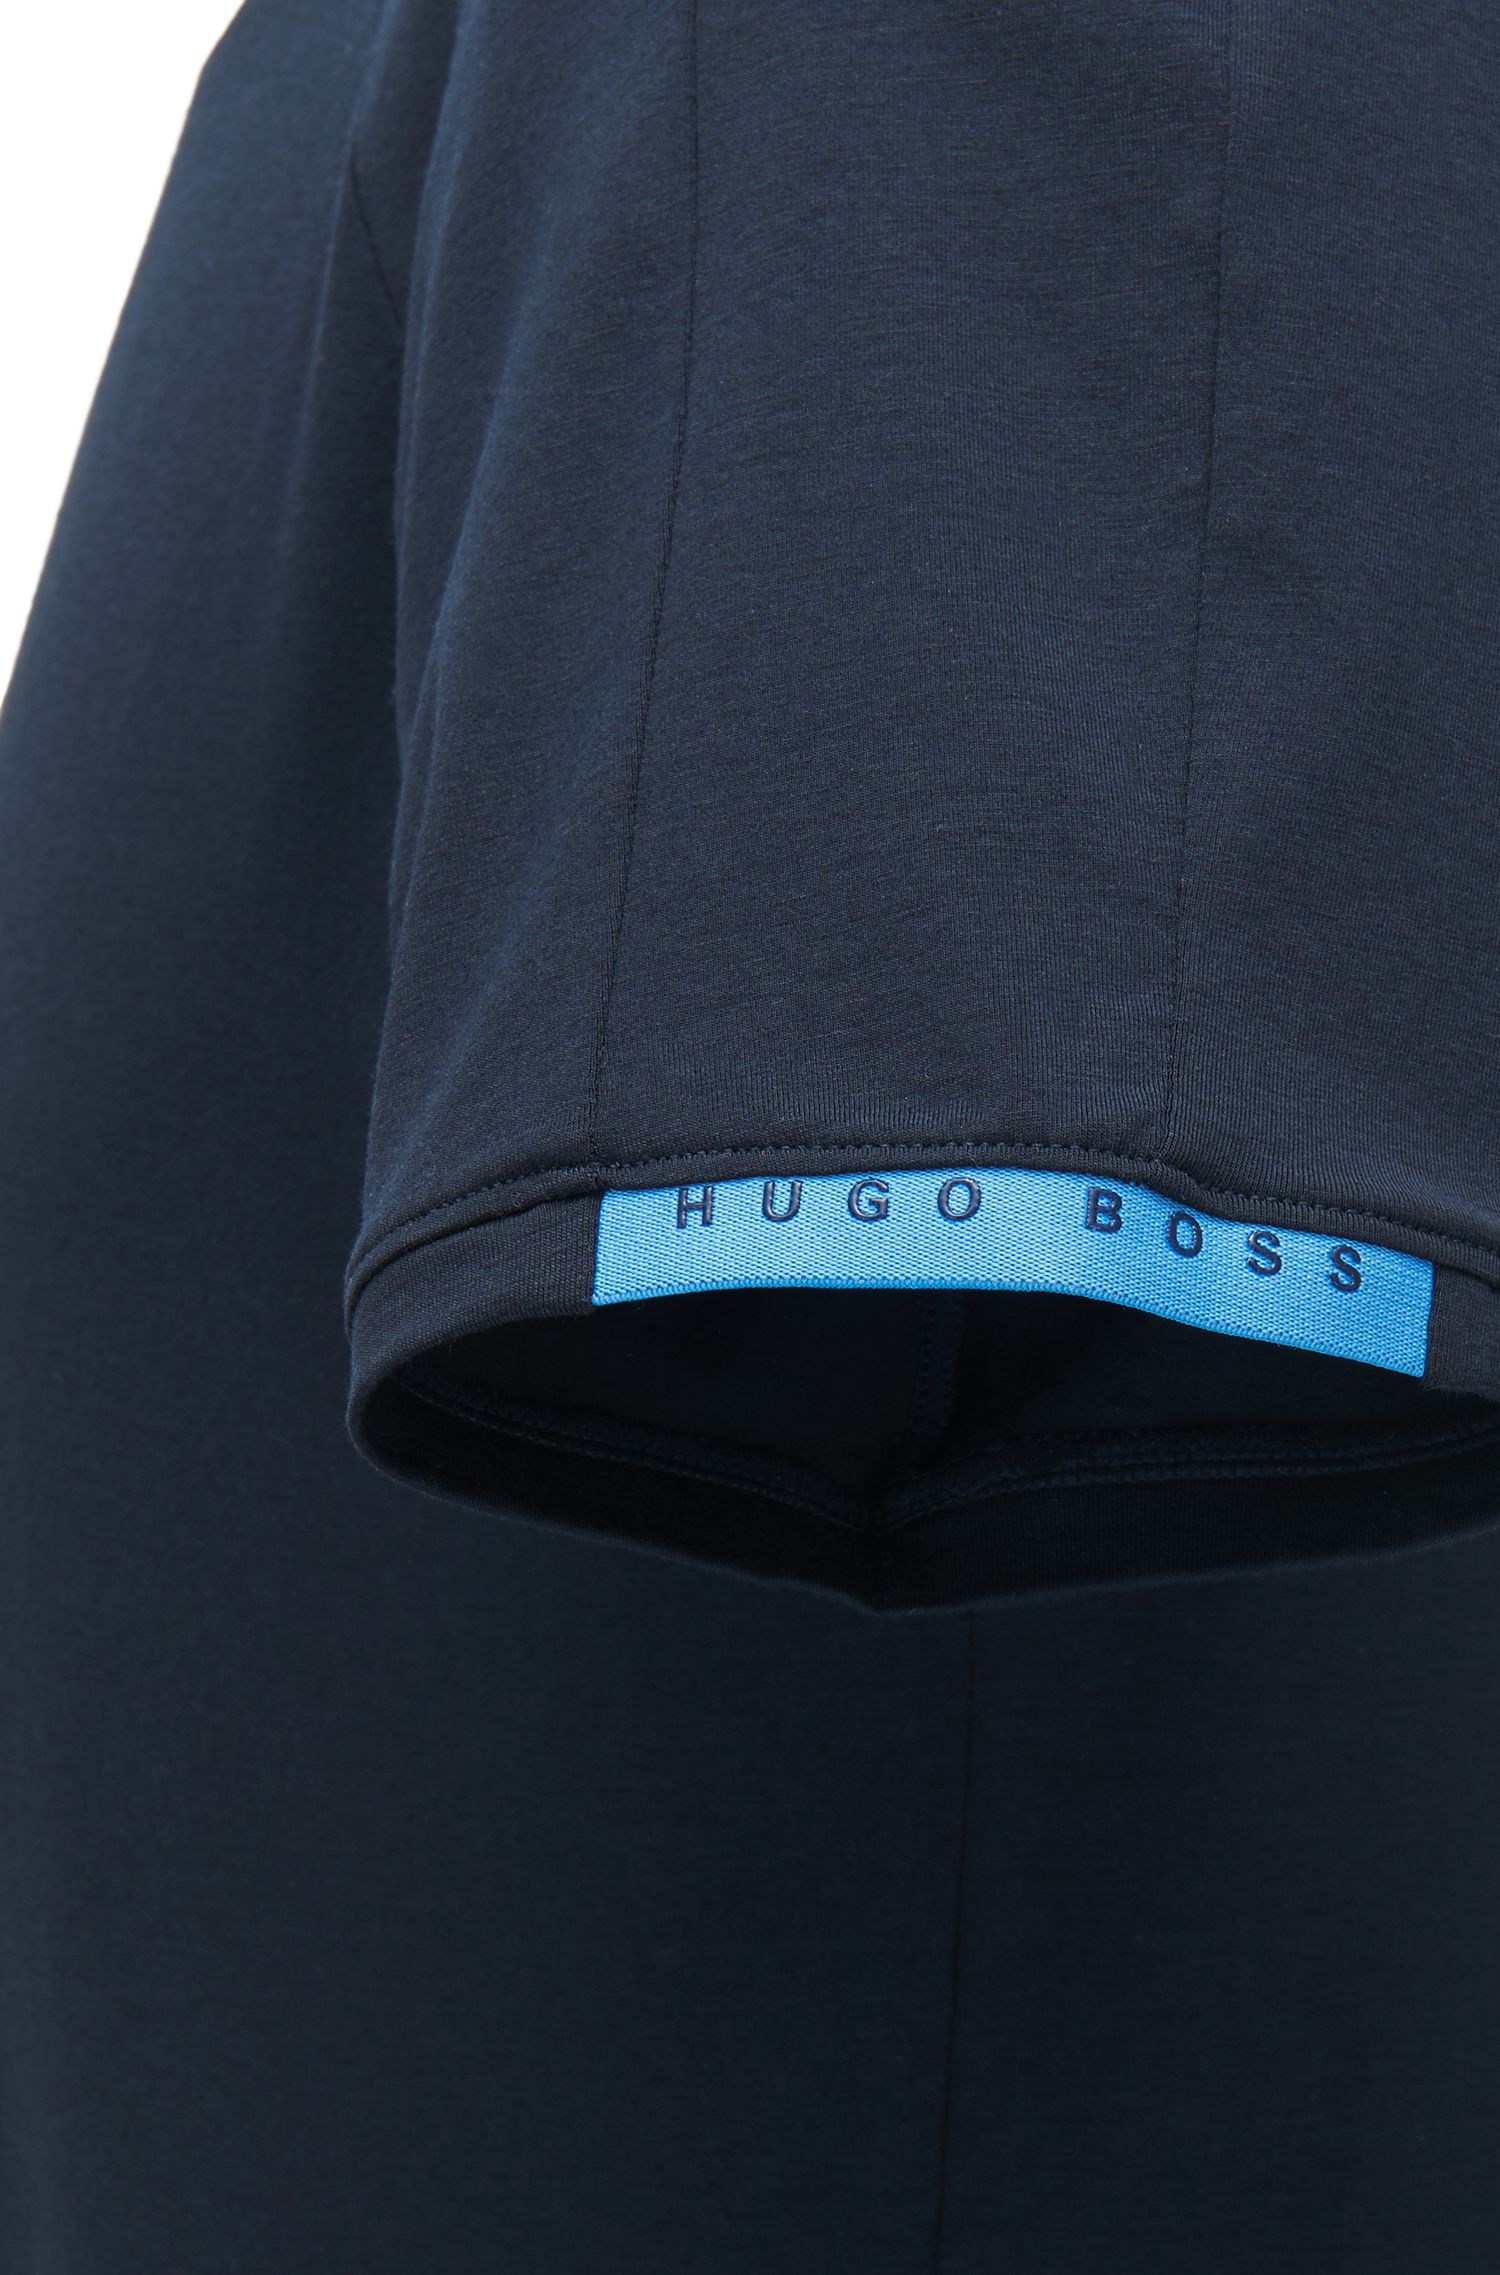 Maglietta intima a girocollo in jersey elasticizzato